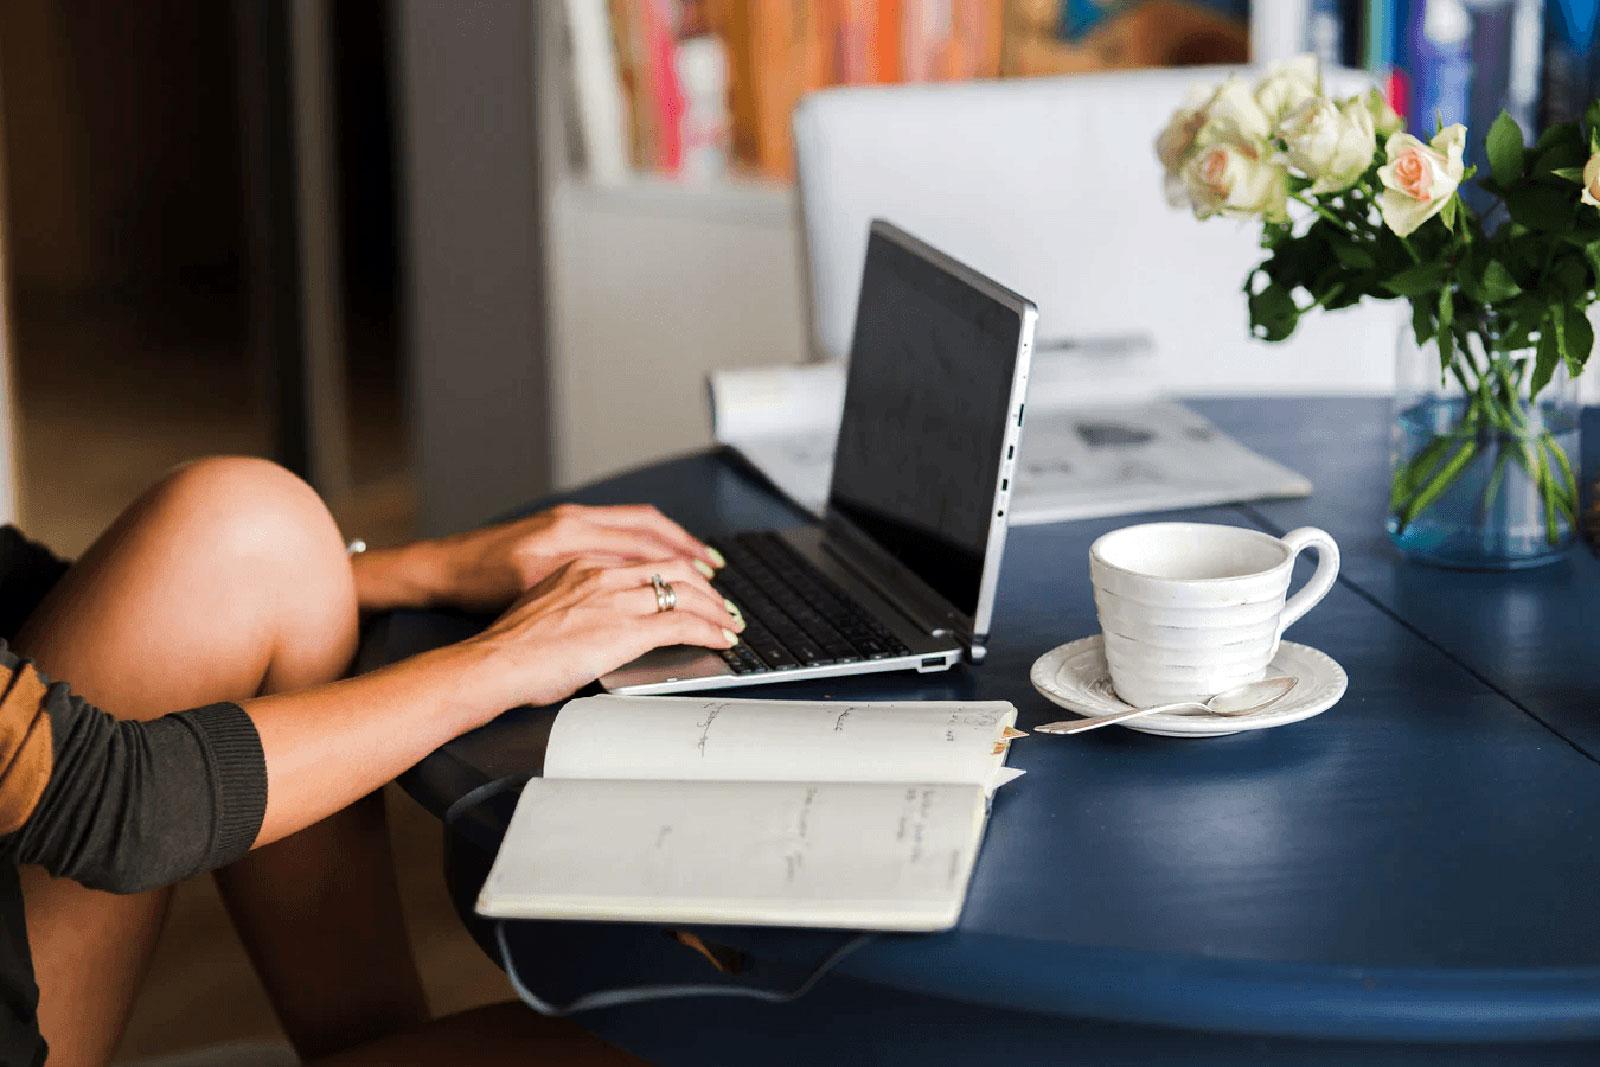 Mulher a trabalhar com laptop, sobre mesa com caderno e chávena